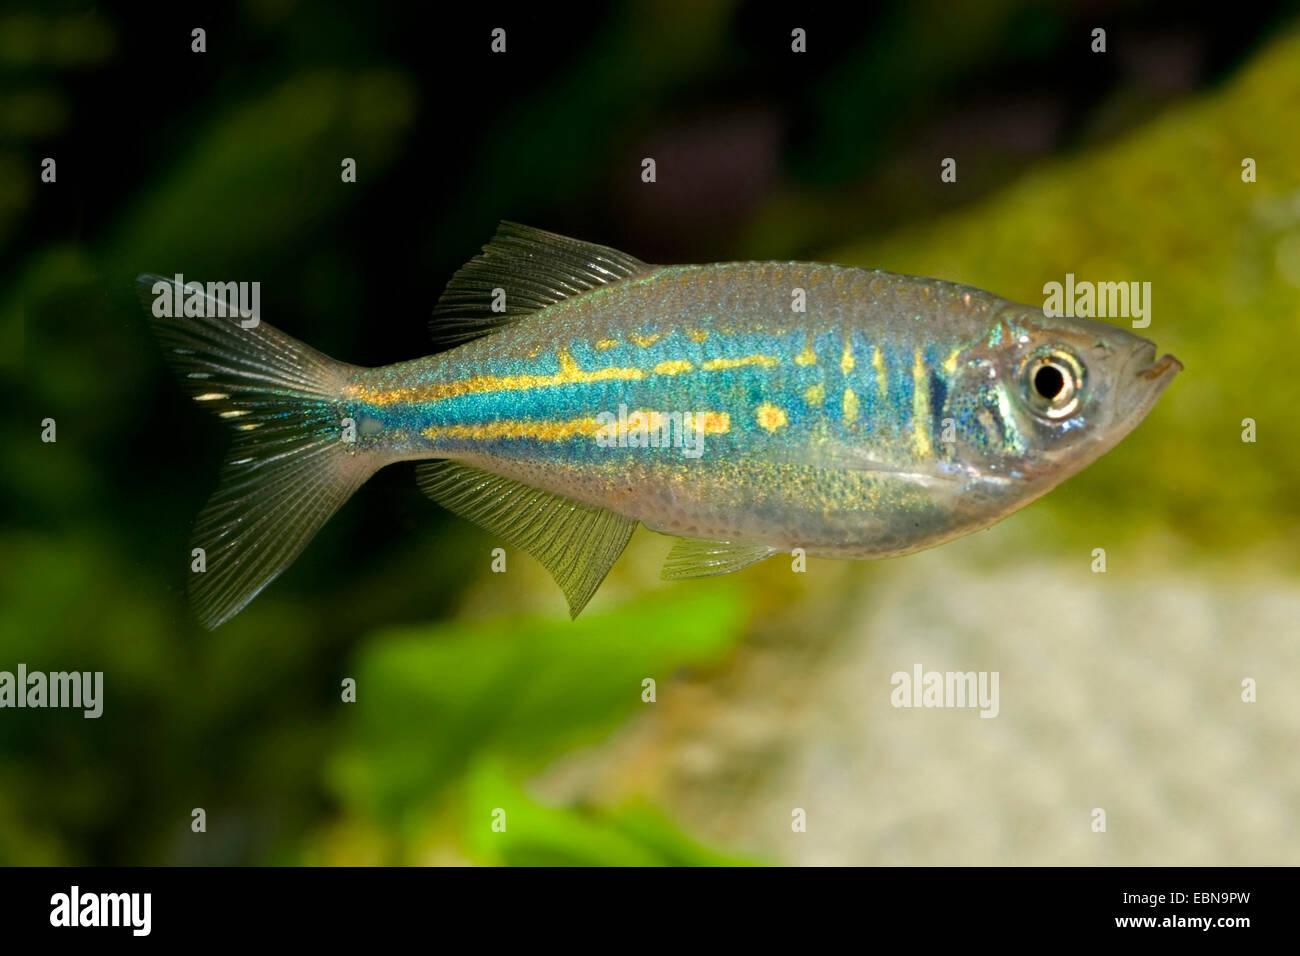 Giant danio devario aequipinnatus danio aequipinnatus for Giant danio fish